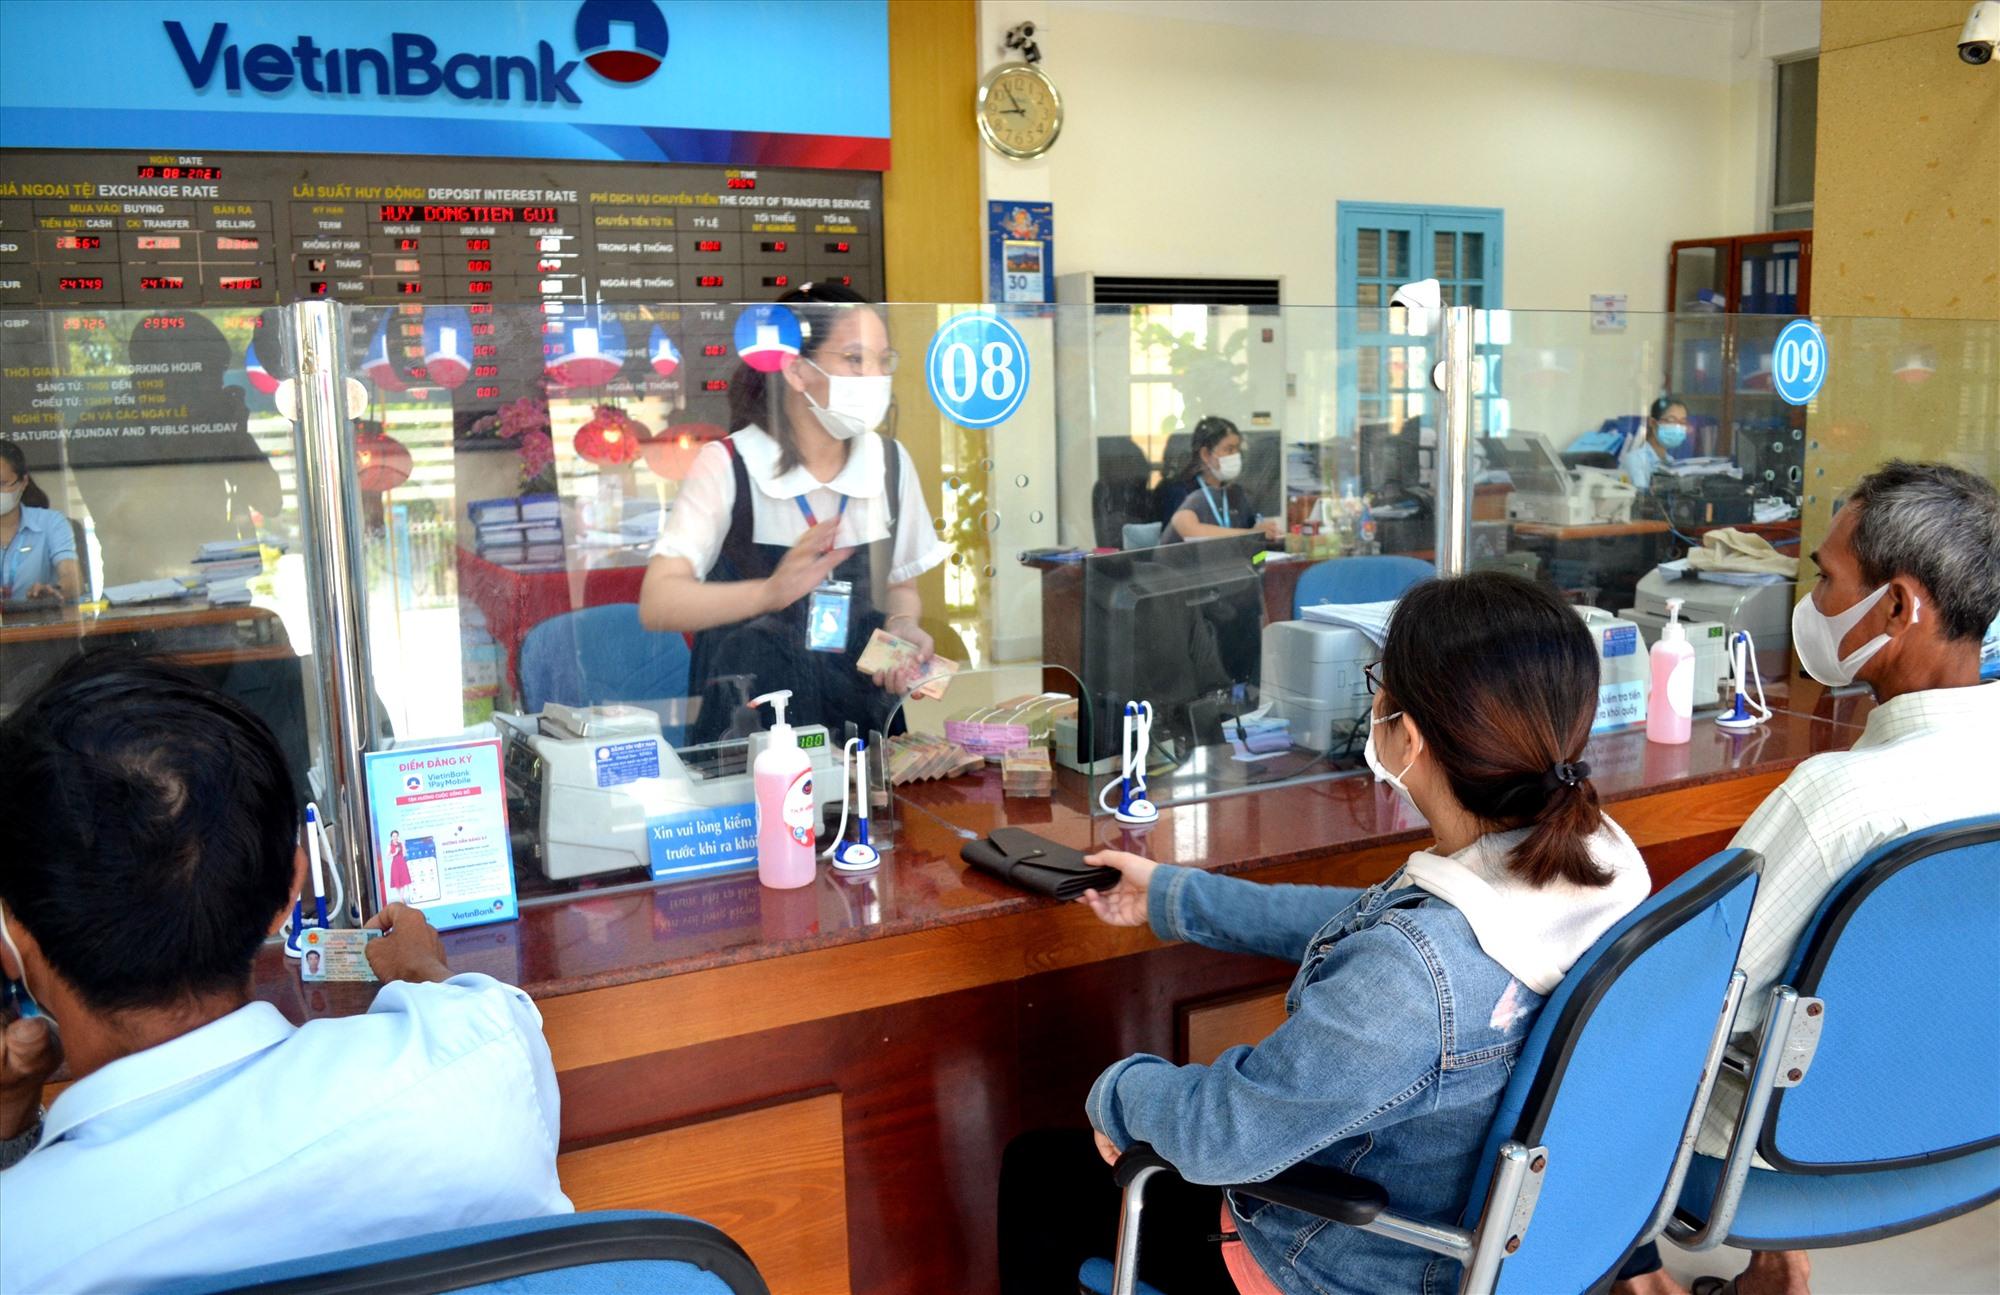 Khách hàng giao dịch tại VietinBank Quảng Nam. Ảnh: VIỆT NGUYỄN